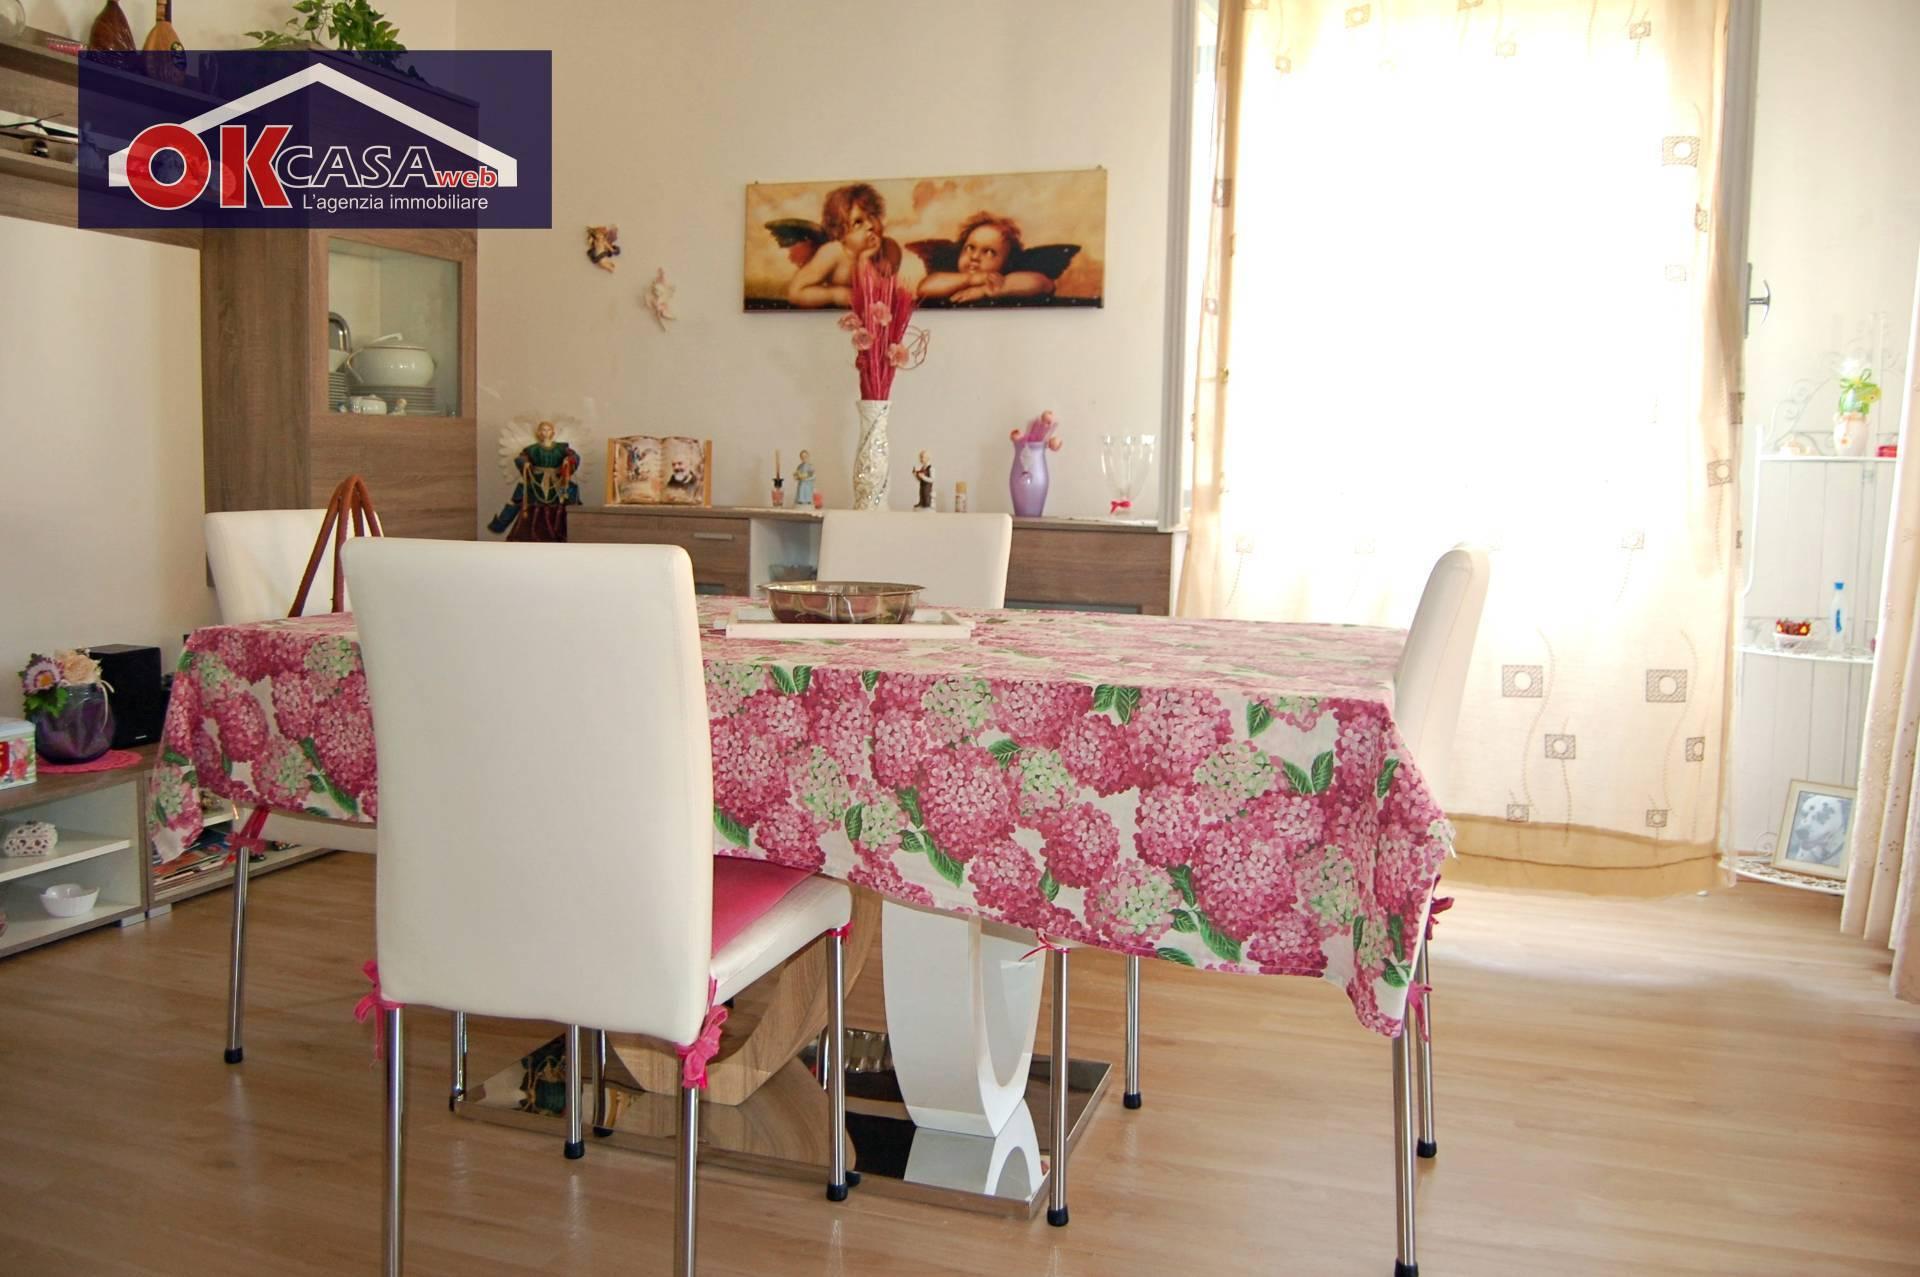 Appartamento in vendita a Gradisca d'Isonzo, 4 locali, prezzo € 40.000 | CambioCasa.it